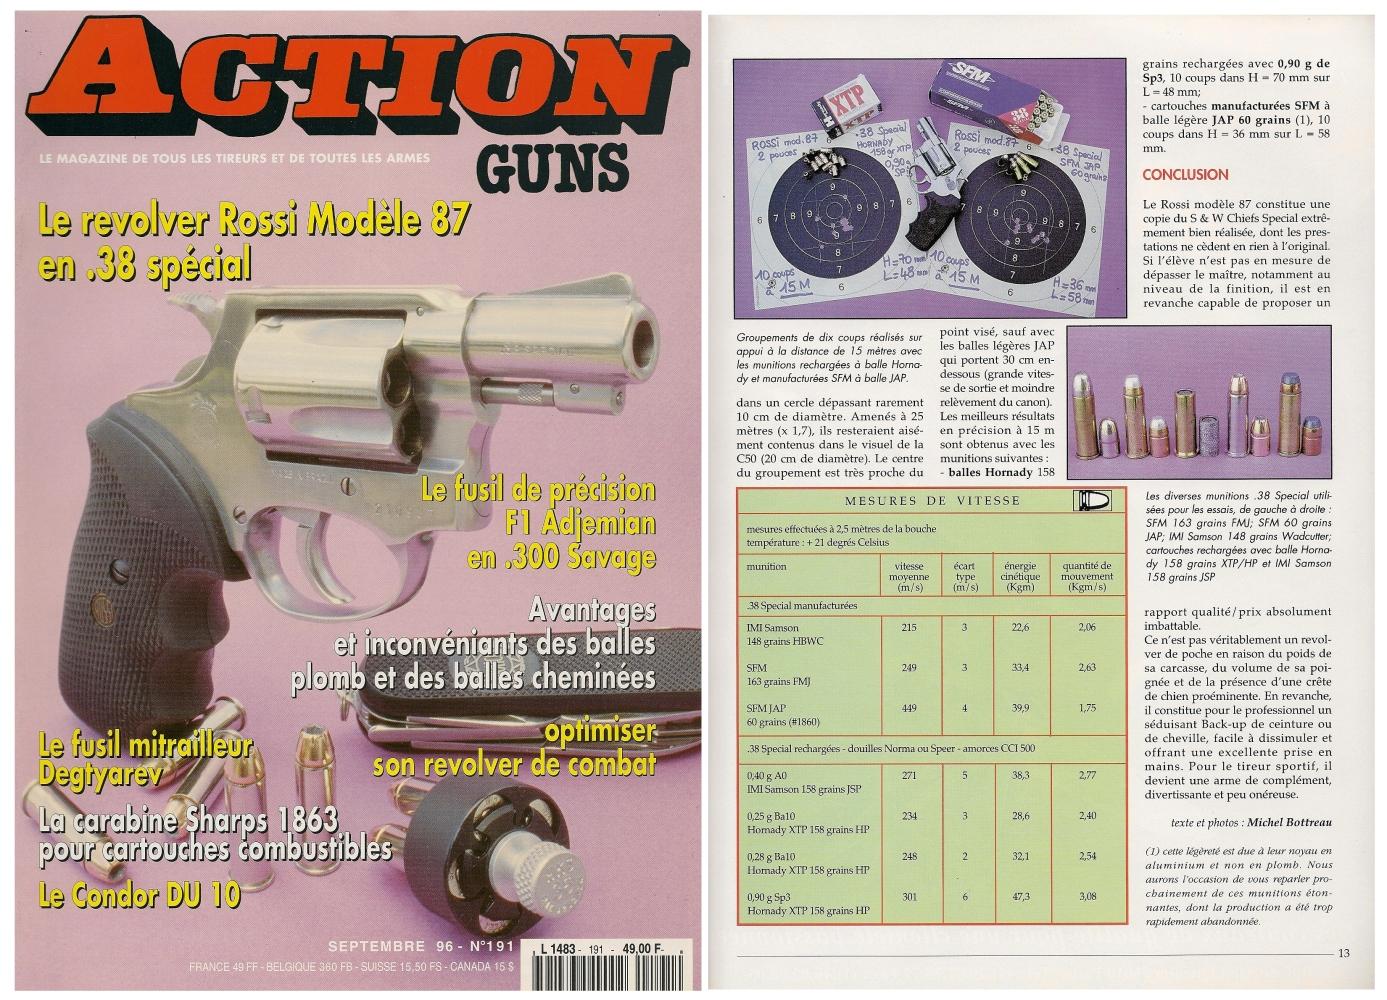 Le banc d'essai du revolver Rossi de calibre .38 Special a été publié sur 6 pages dans le magazine Action Guns n° 191 (septembre 1996).